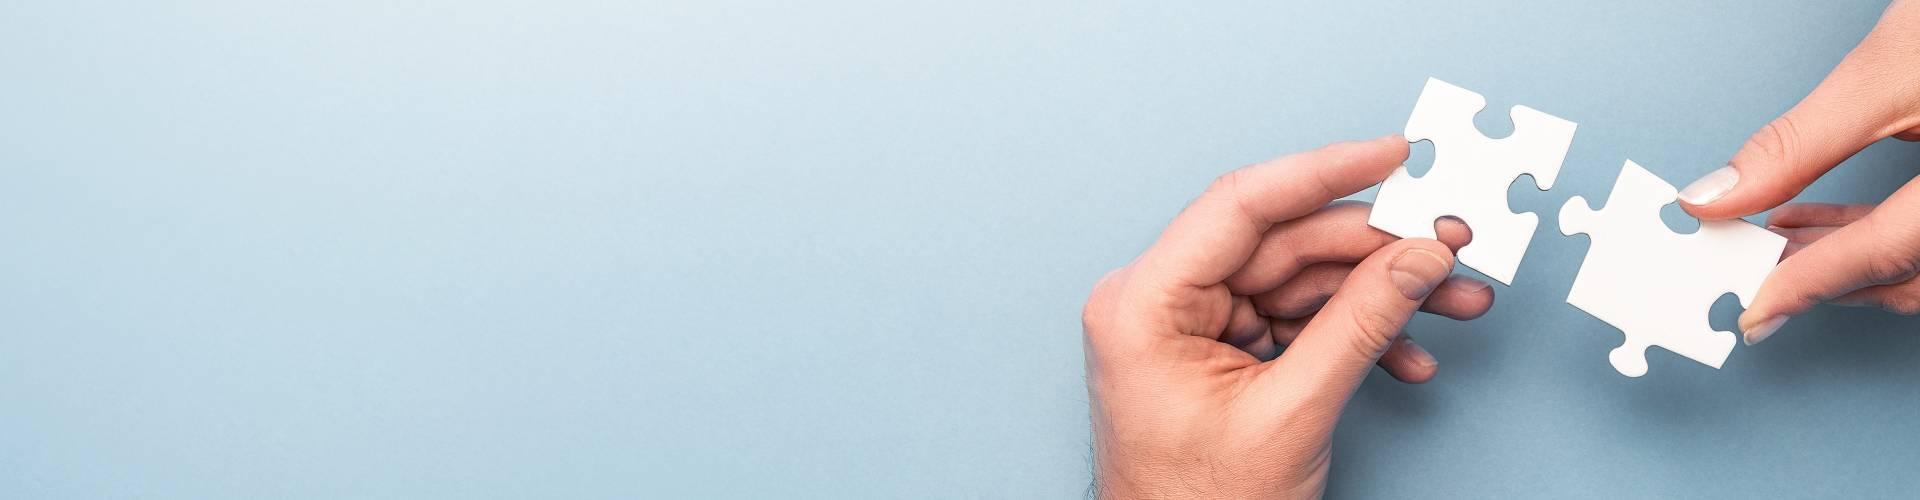 Créez votre propre entreprise avec RE/MAX. © REDPIXEL / stock.adobe.com